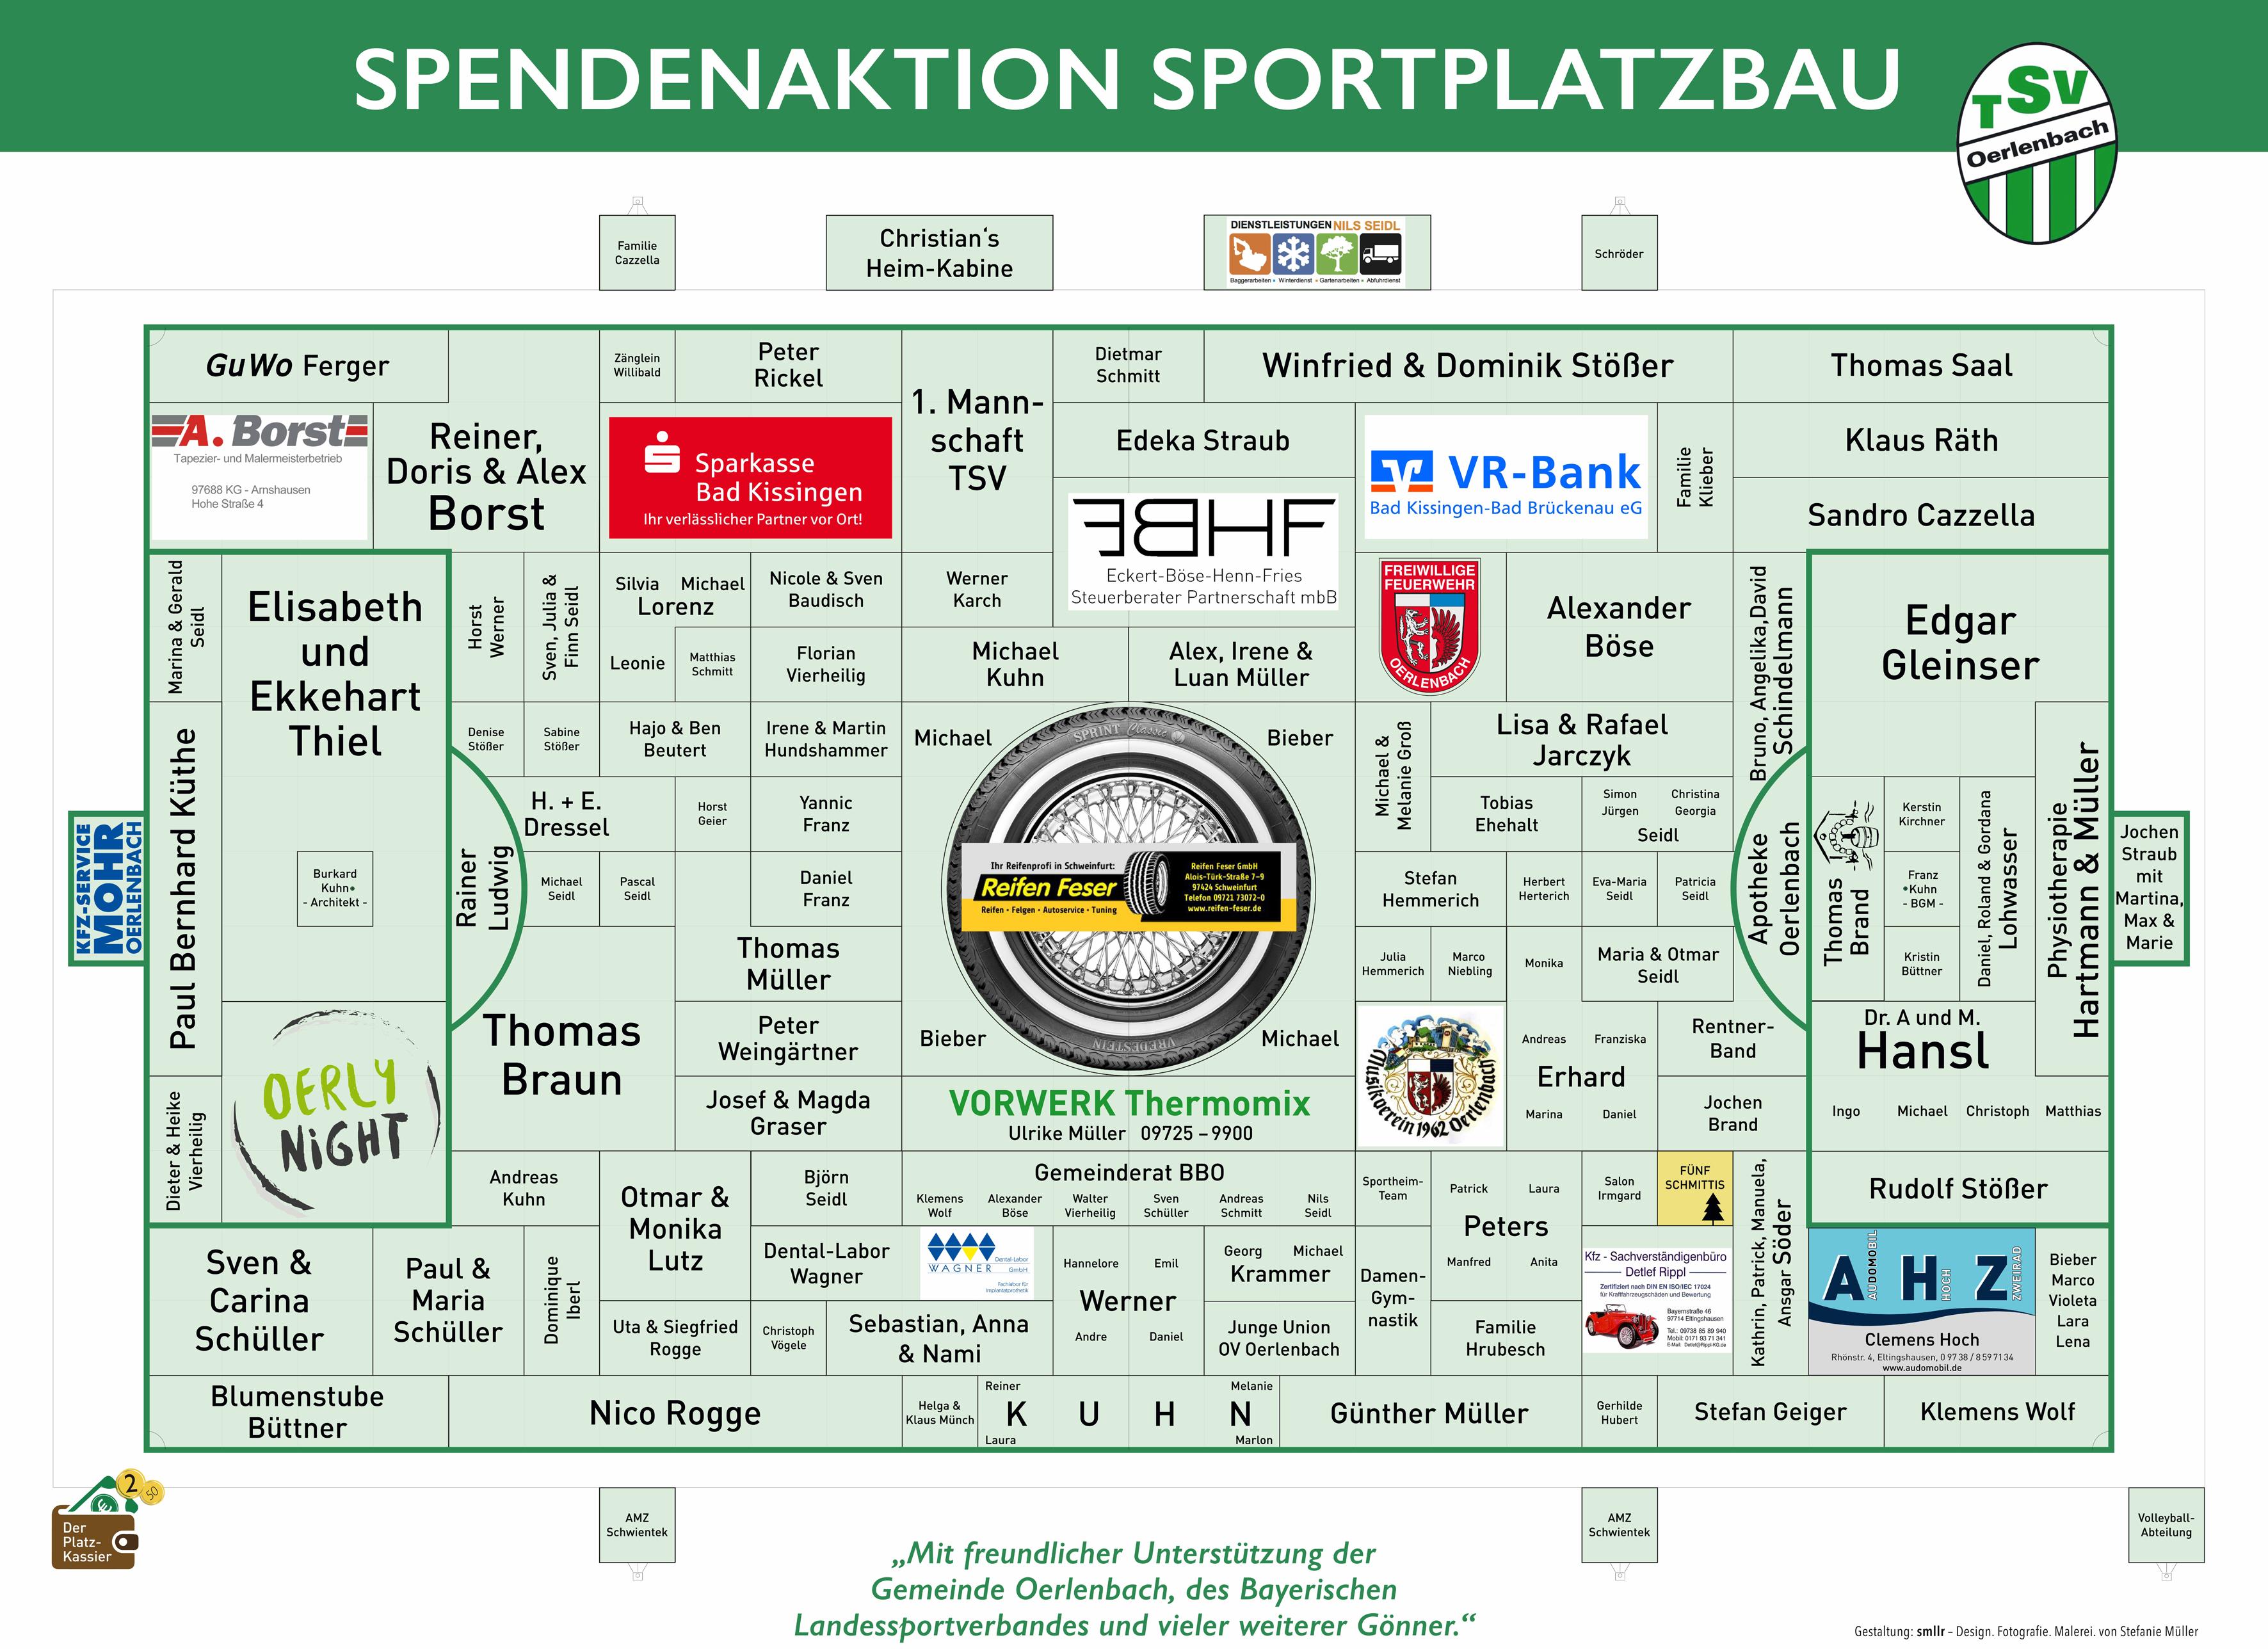 2015-03-19_Sportplatz-mit-Sponsoren